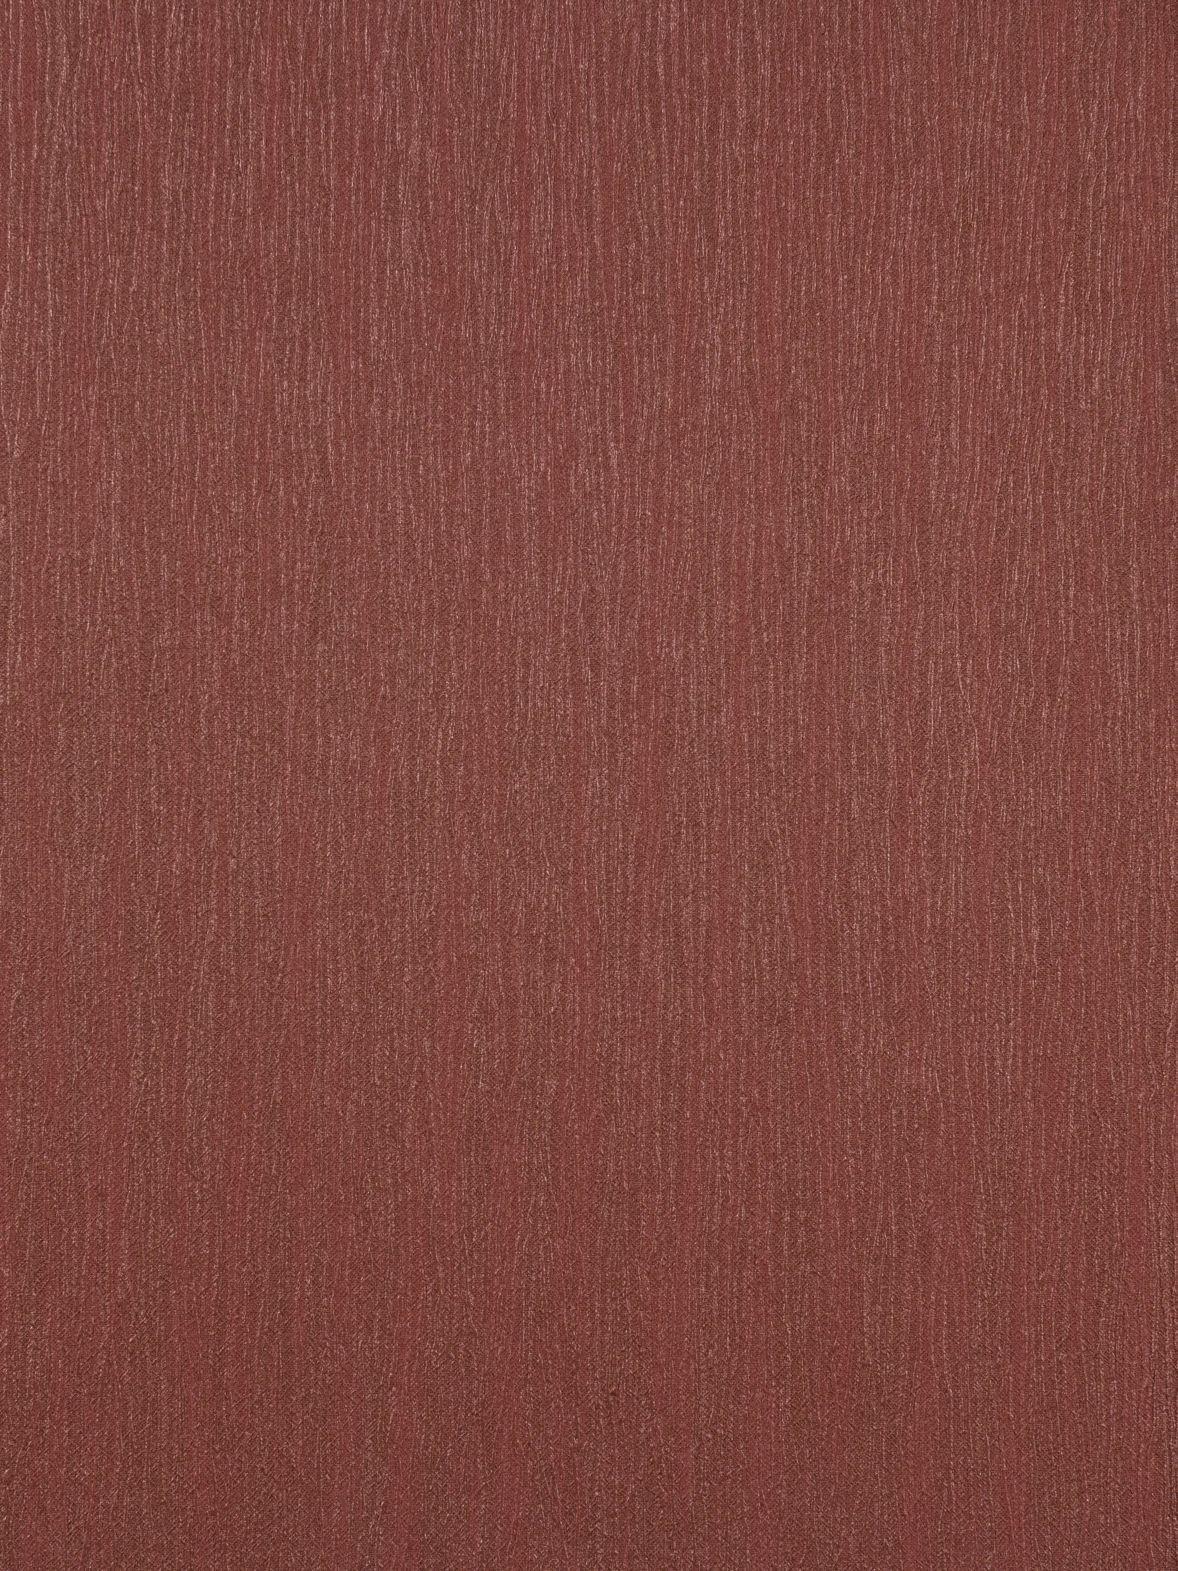 dieter bohlen tapete 02283 60 modern rot designertapete d bohlen it 39 s differ ebay. Black Bedroom Furniture Sets. Home Design Ideas